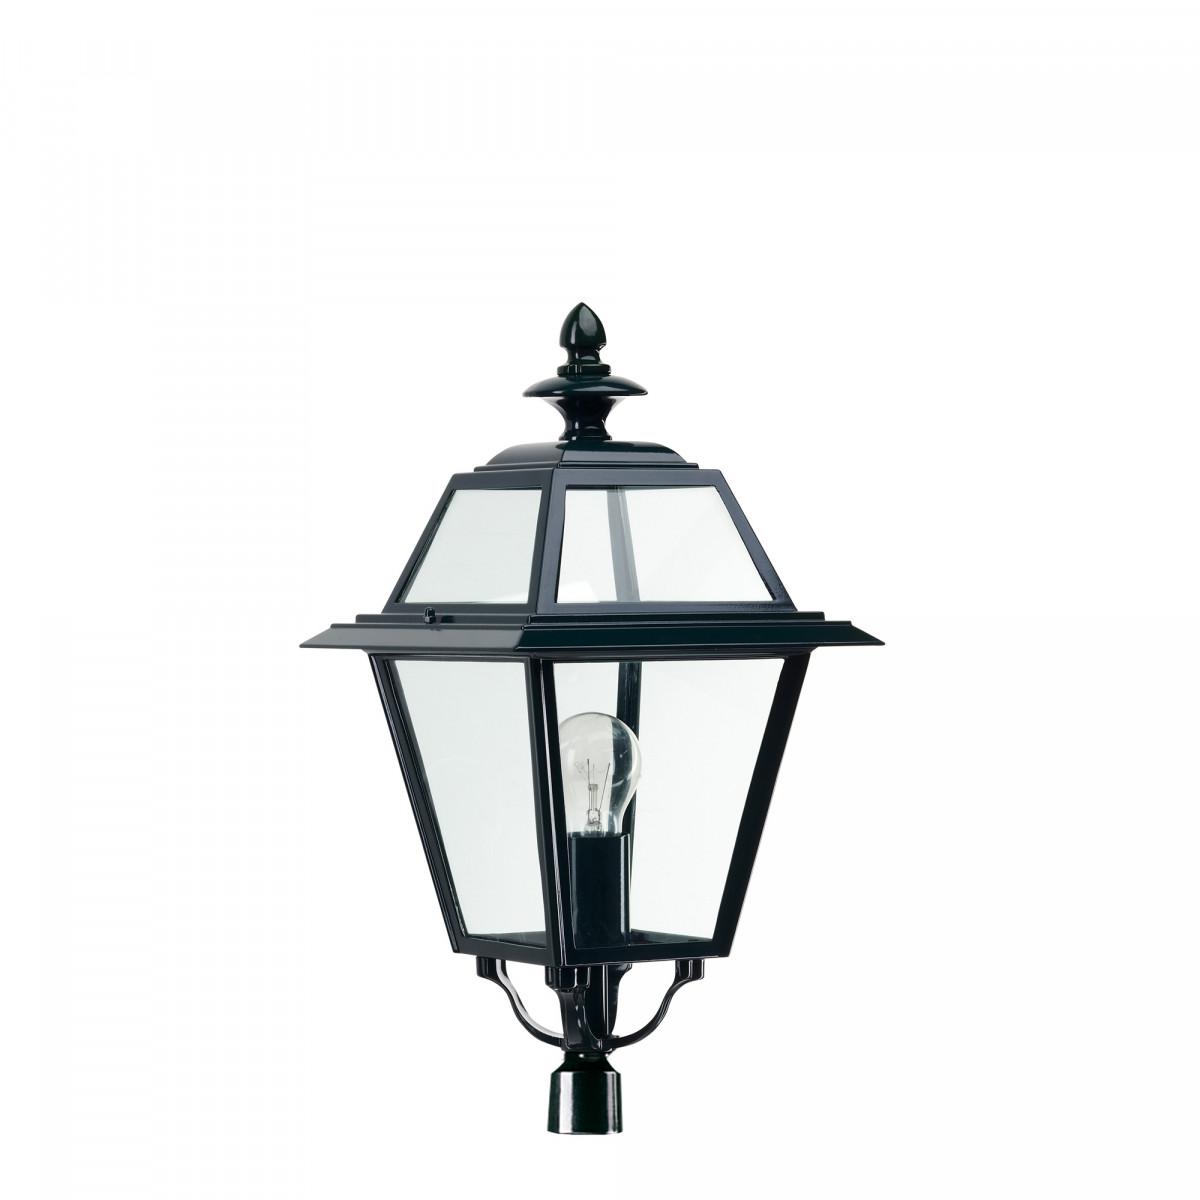 Losse Vierkante Lampenkap type K14A